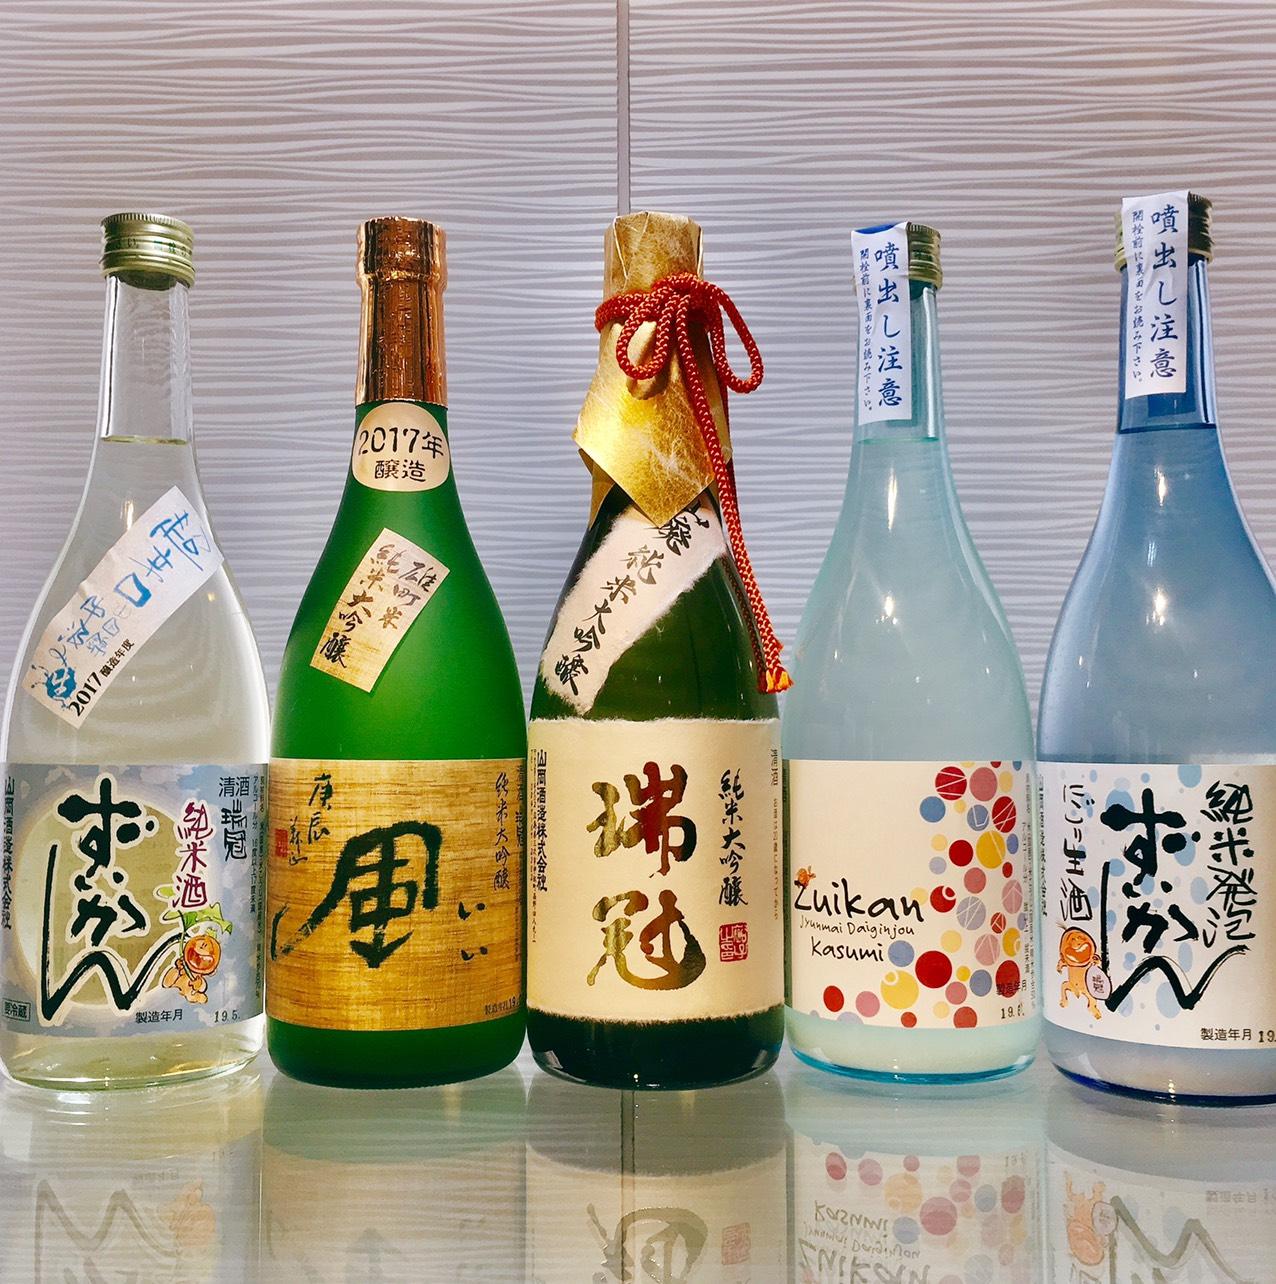 『がんばろう広島』三次市のお酒「瑞冠」(山岡酒造)の試飲販売会を開催!